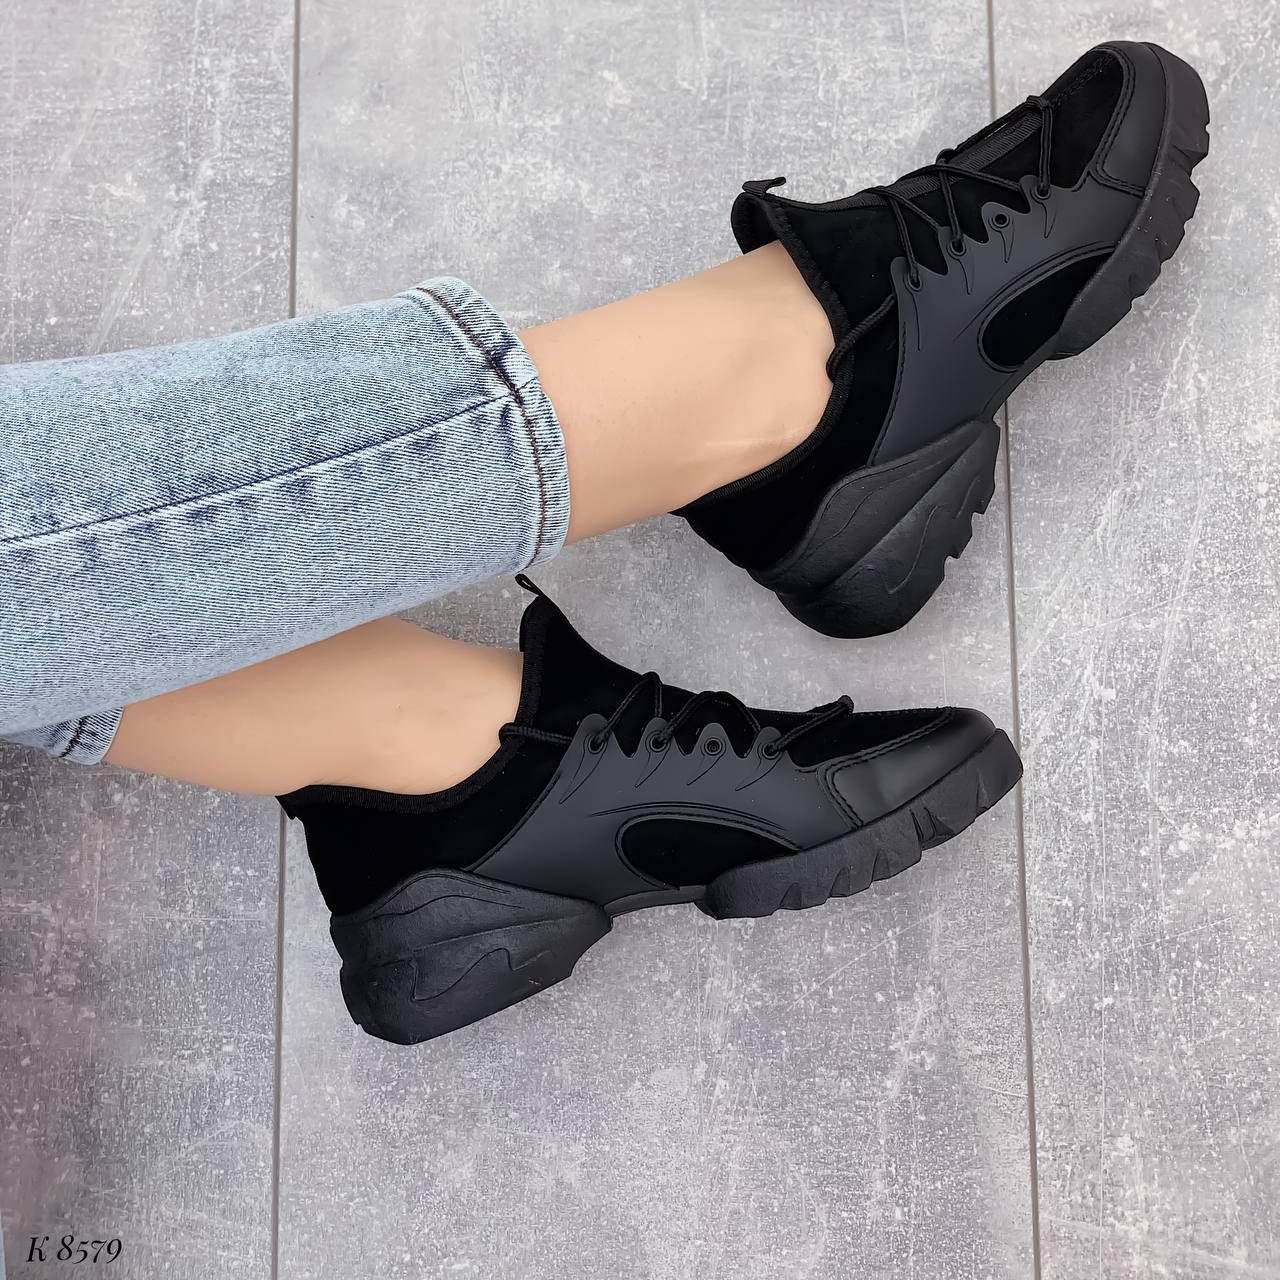 Тільки 39 р! Кросівки жіночі чорні текстиль + силікон/ гума весна-літо-осінь